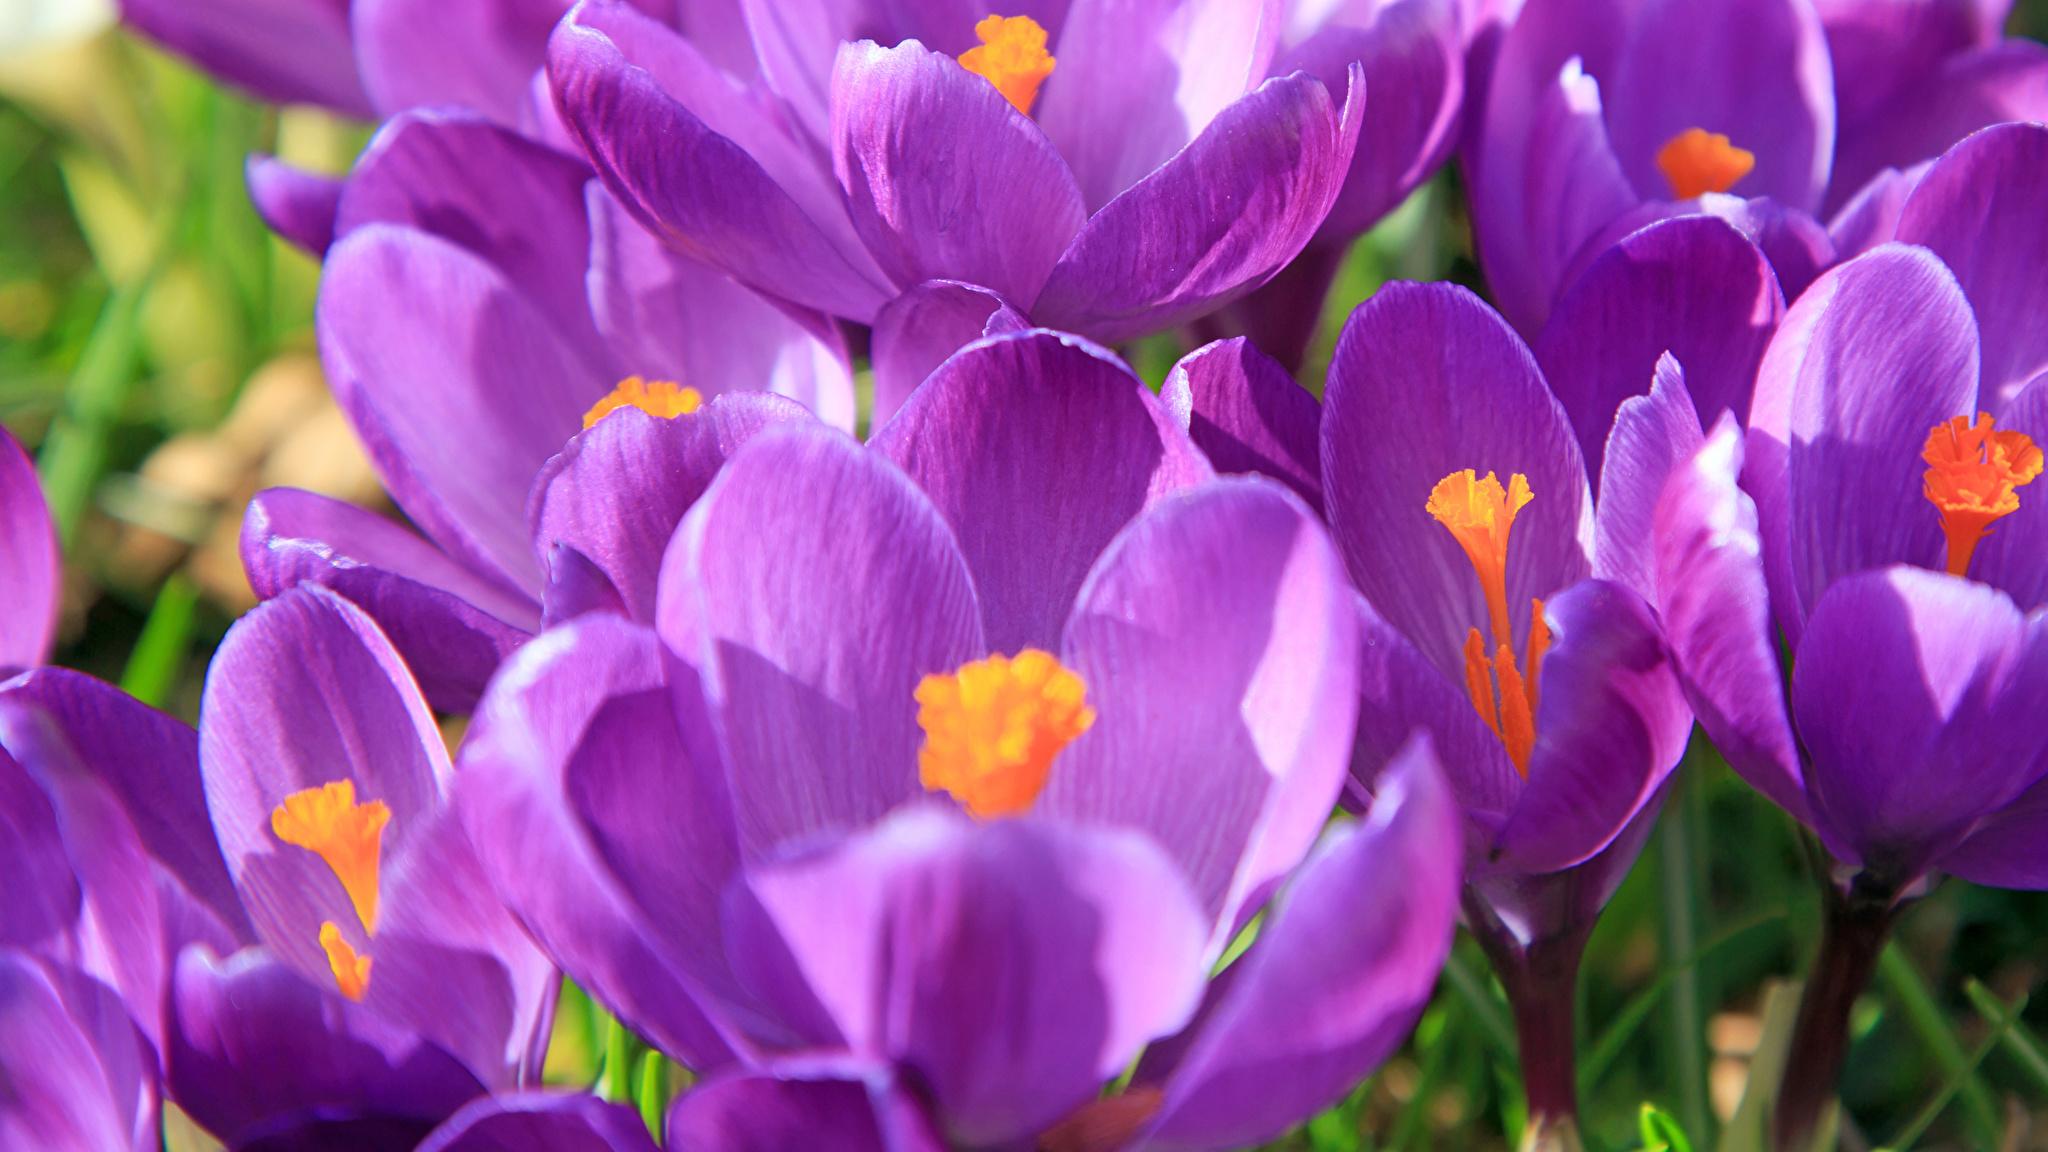 Картинка Фиолетовый Цветы Крокусы вблизи 2048x1152 Шафран Крупным планом